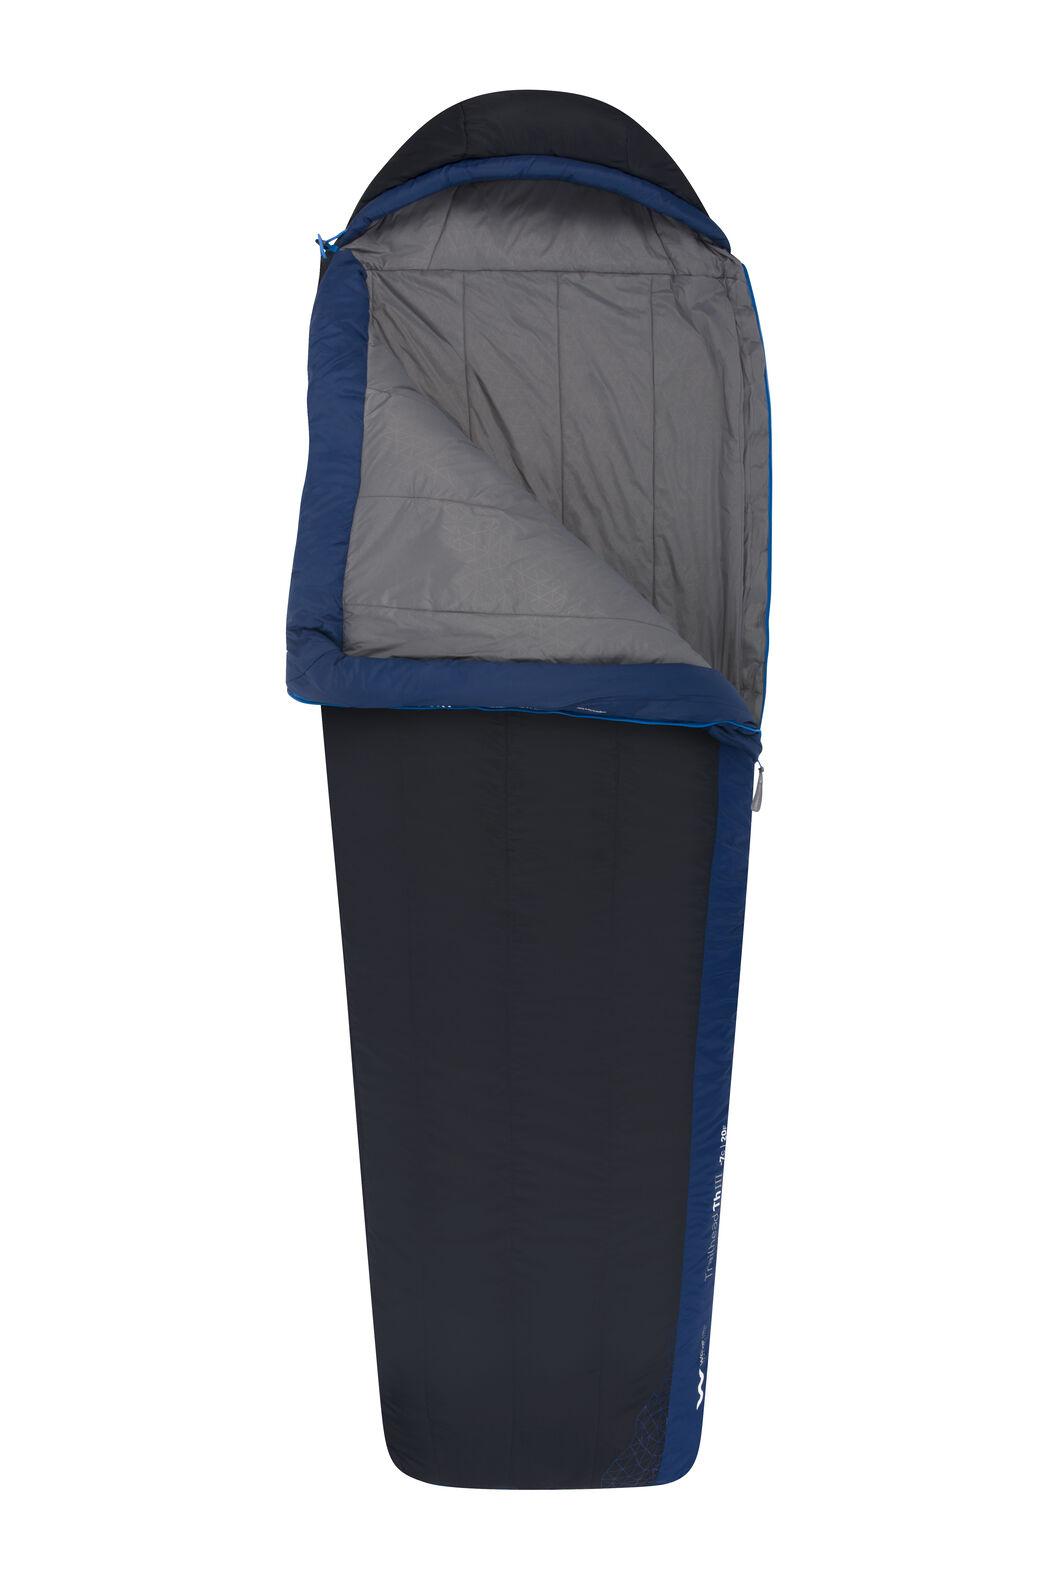 Sea to Summit Trailhead III Sleeping Bag - Long, Dark Blue, hi-res